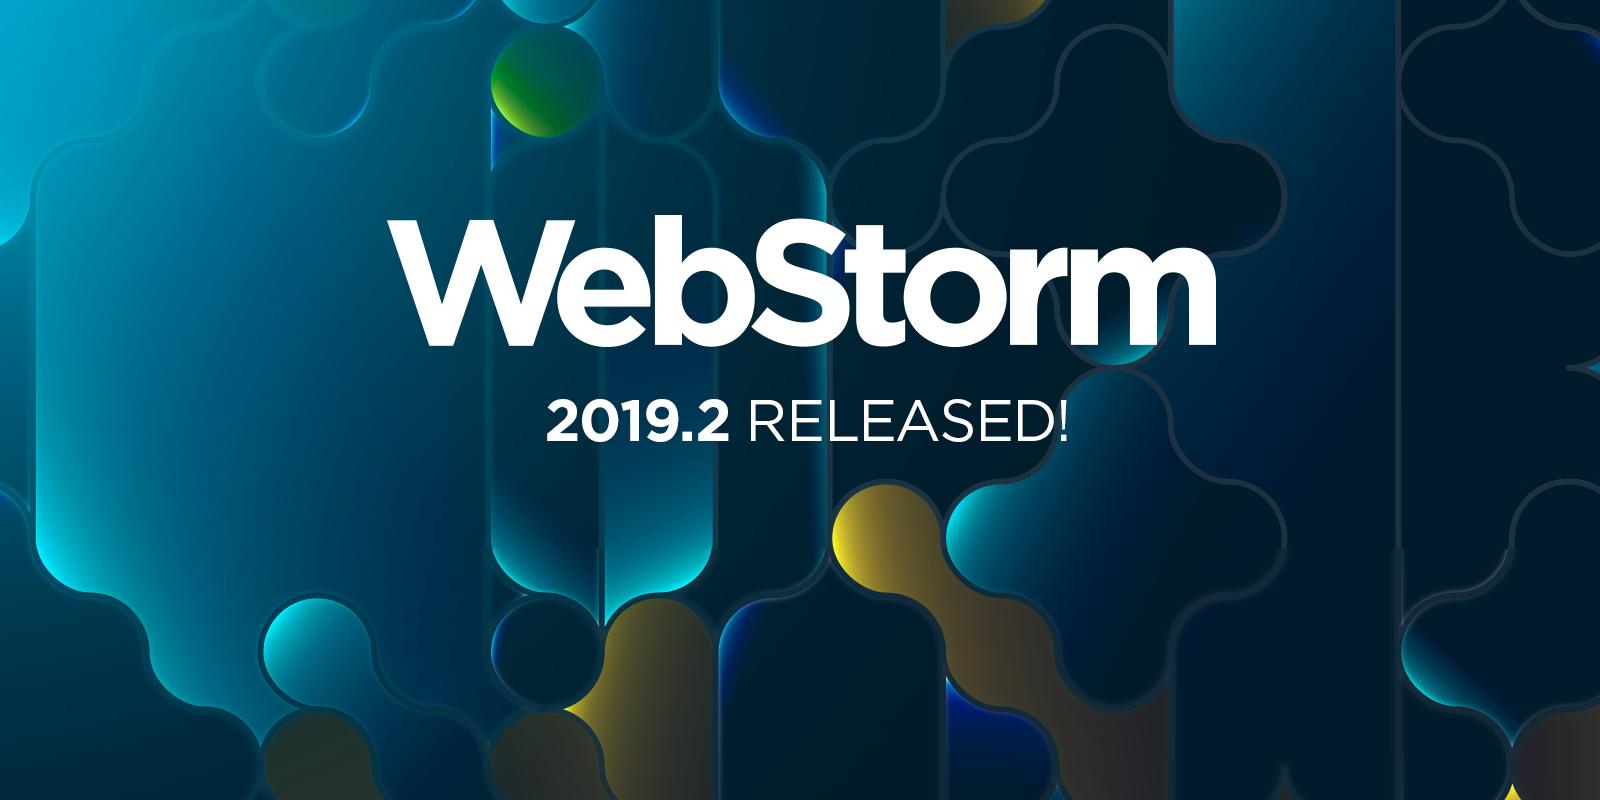 WebStorm 2019.2 is released